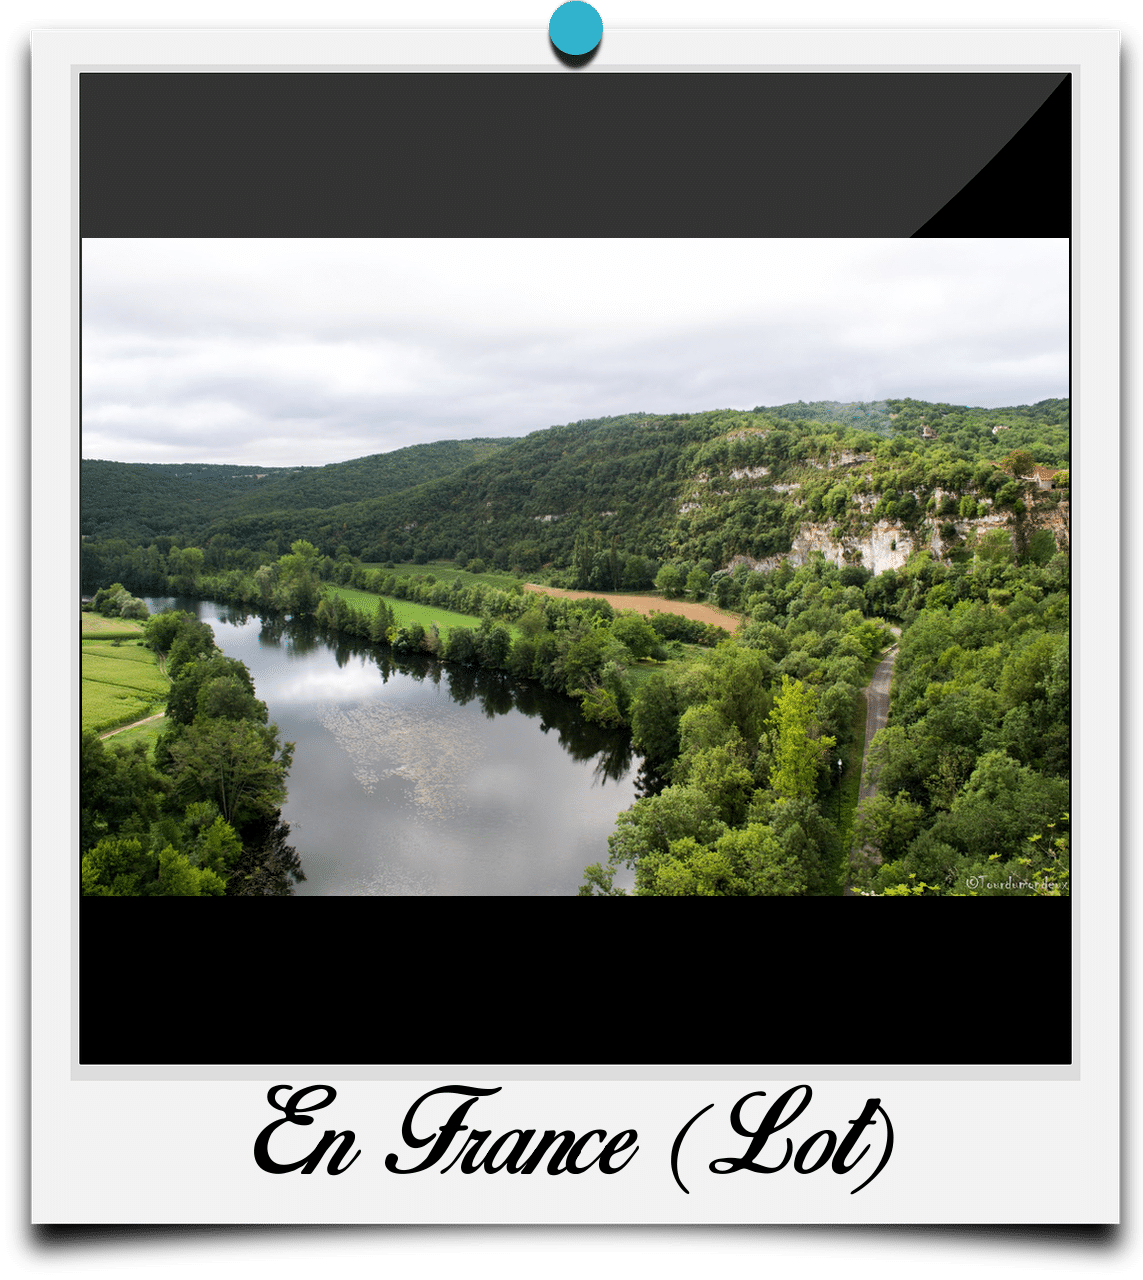 France-Lot-tourdumondeux